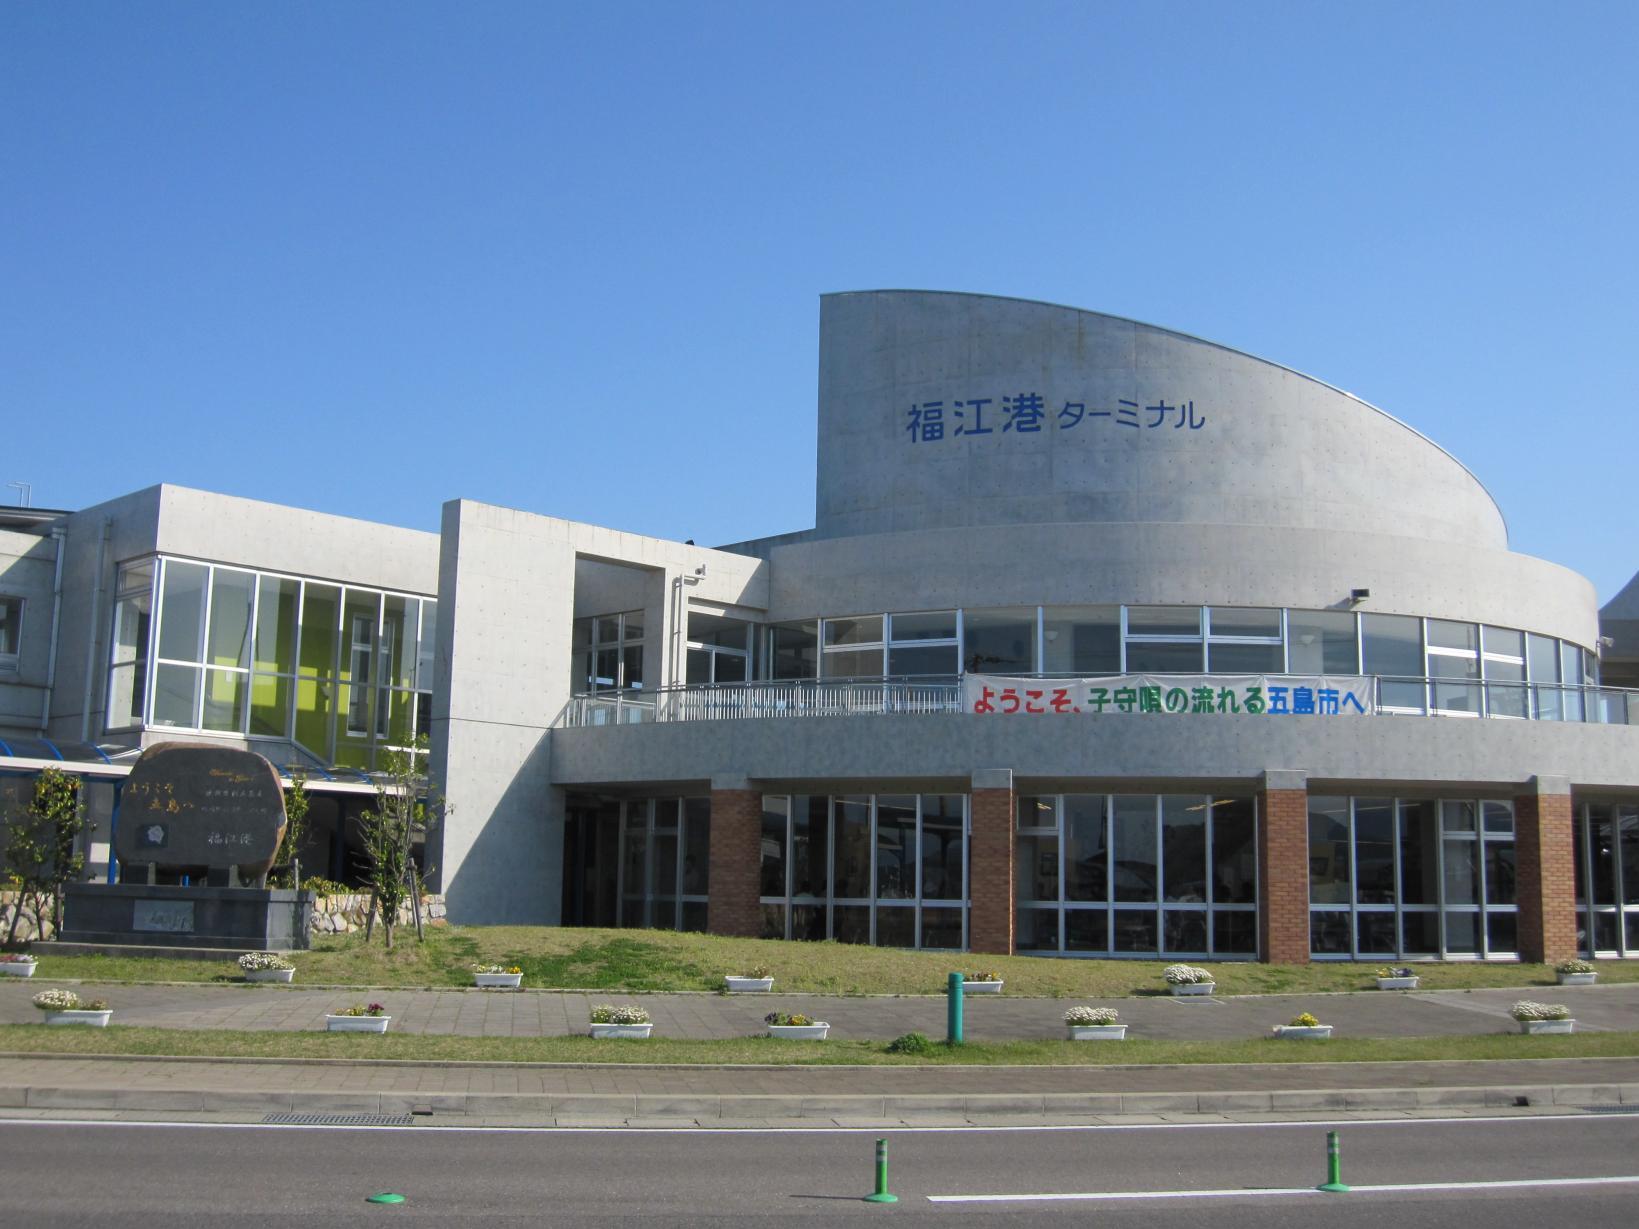 福江港ターミナル-0